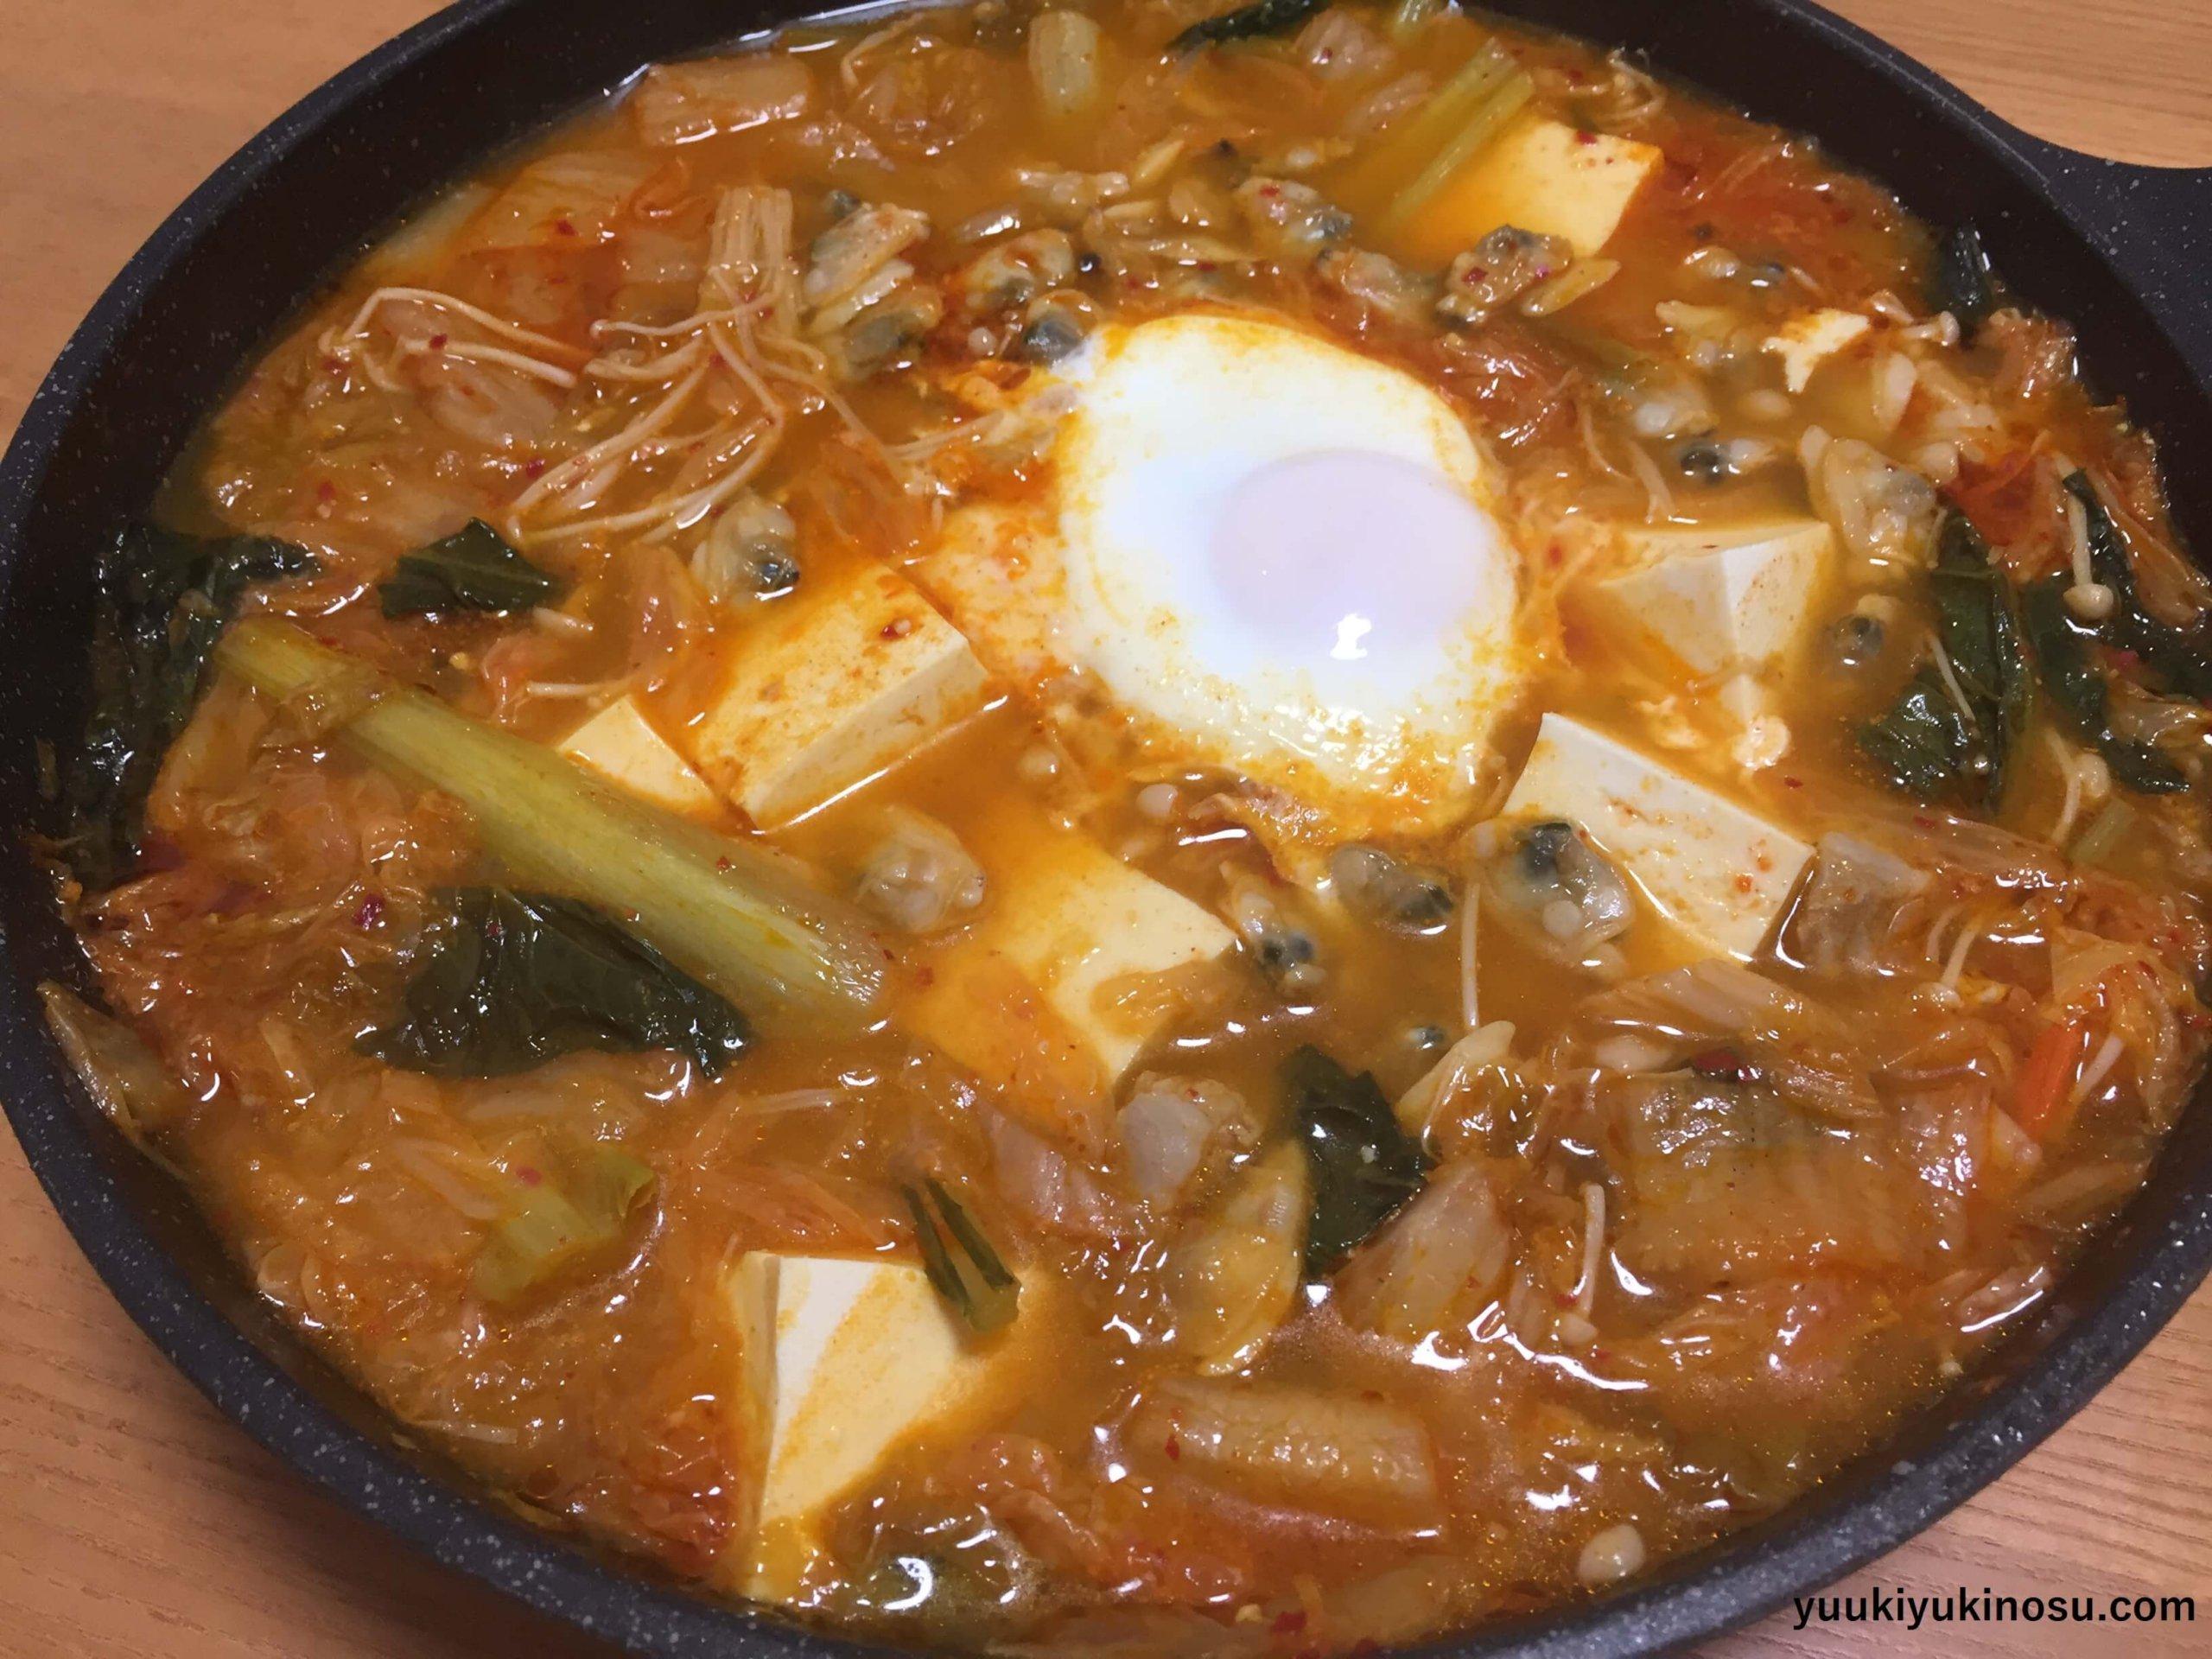 業務スーパー コチュジャン チューブ 100g 中国産 韓国産 500g 値段 アレンジ レシピ 韓国料理 ピリ辛 おすすめ調味料 チゲ